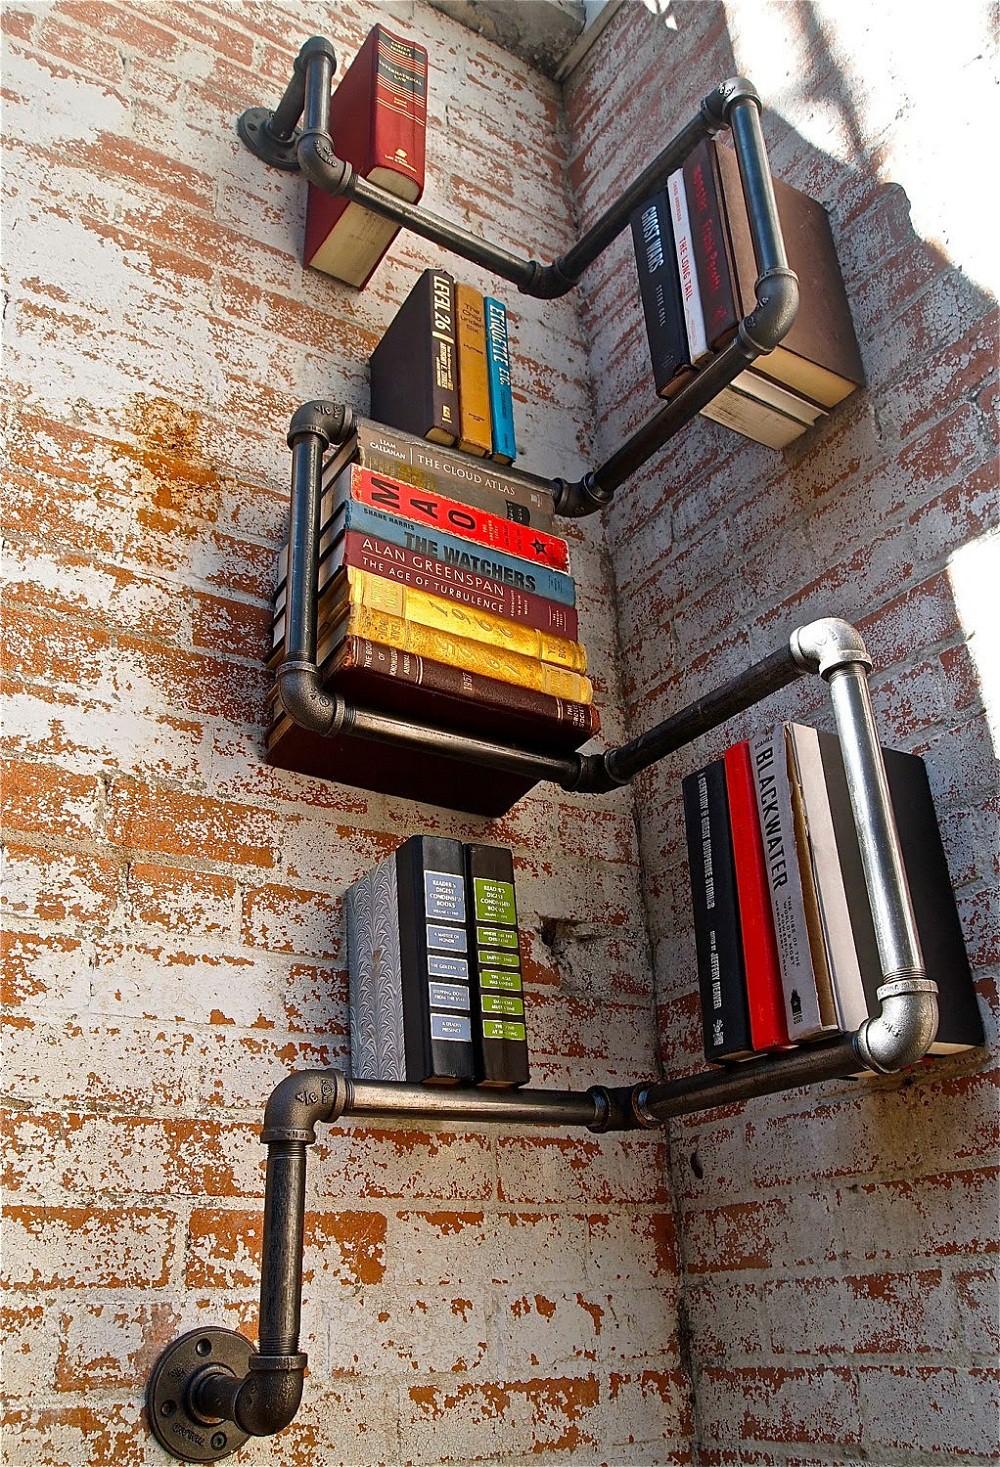 16 mẫu giá sách đầy sáng tạo dành cho người thích đọc sách - Ảnh 19.